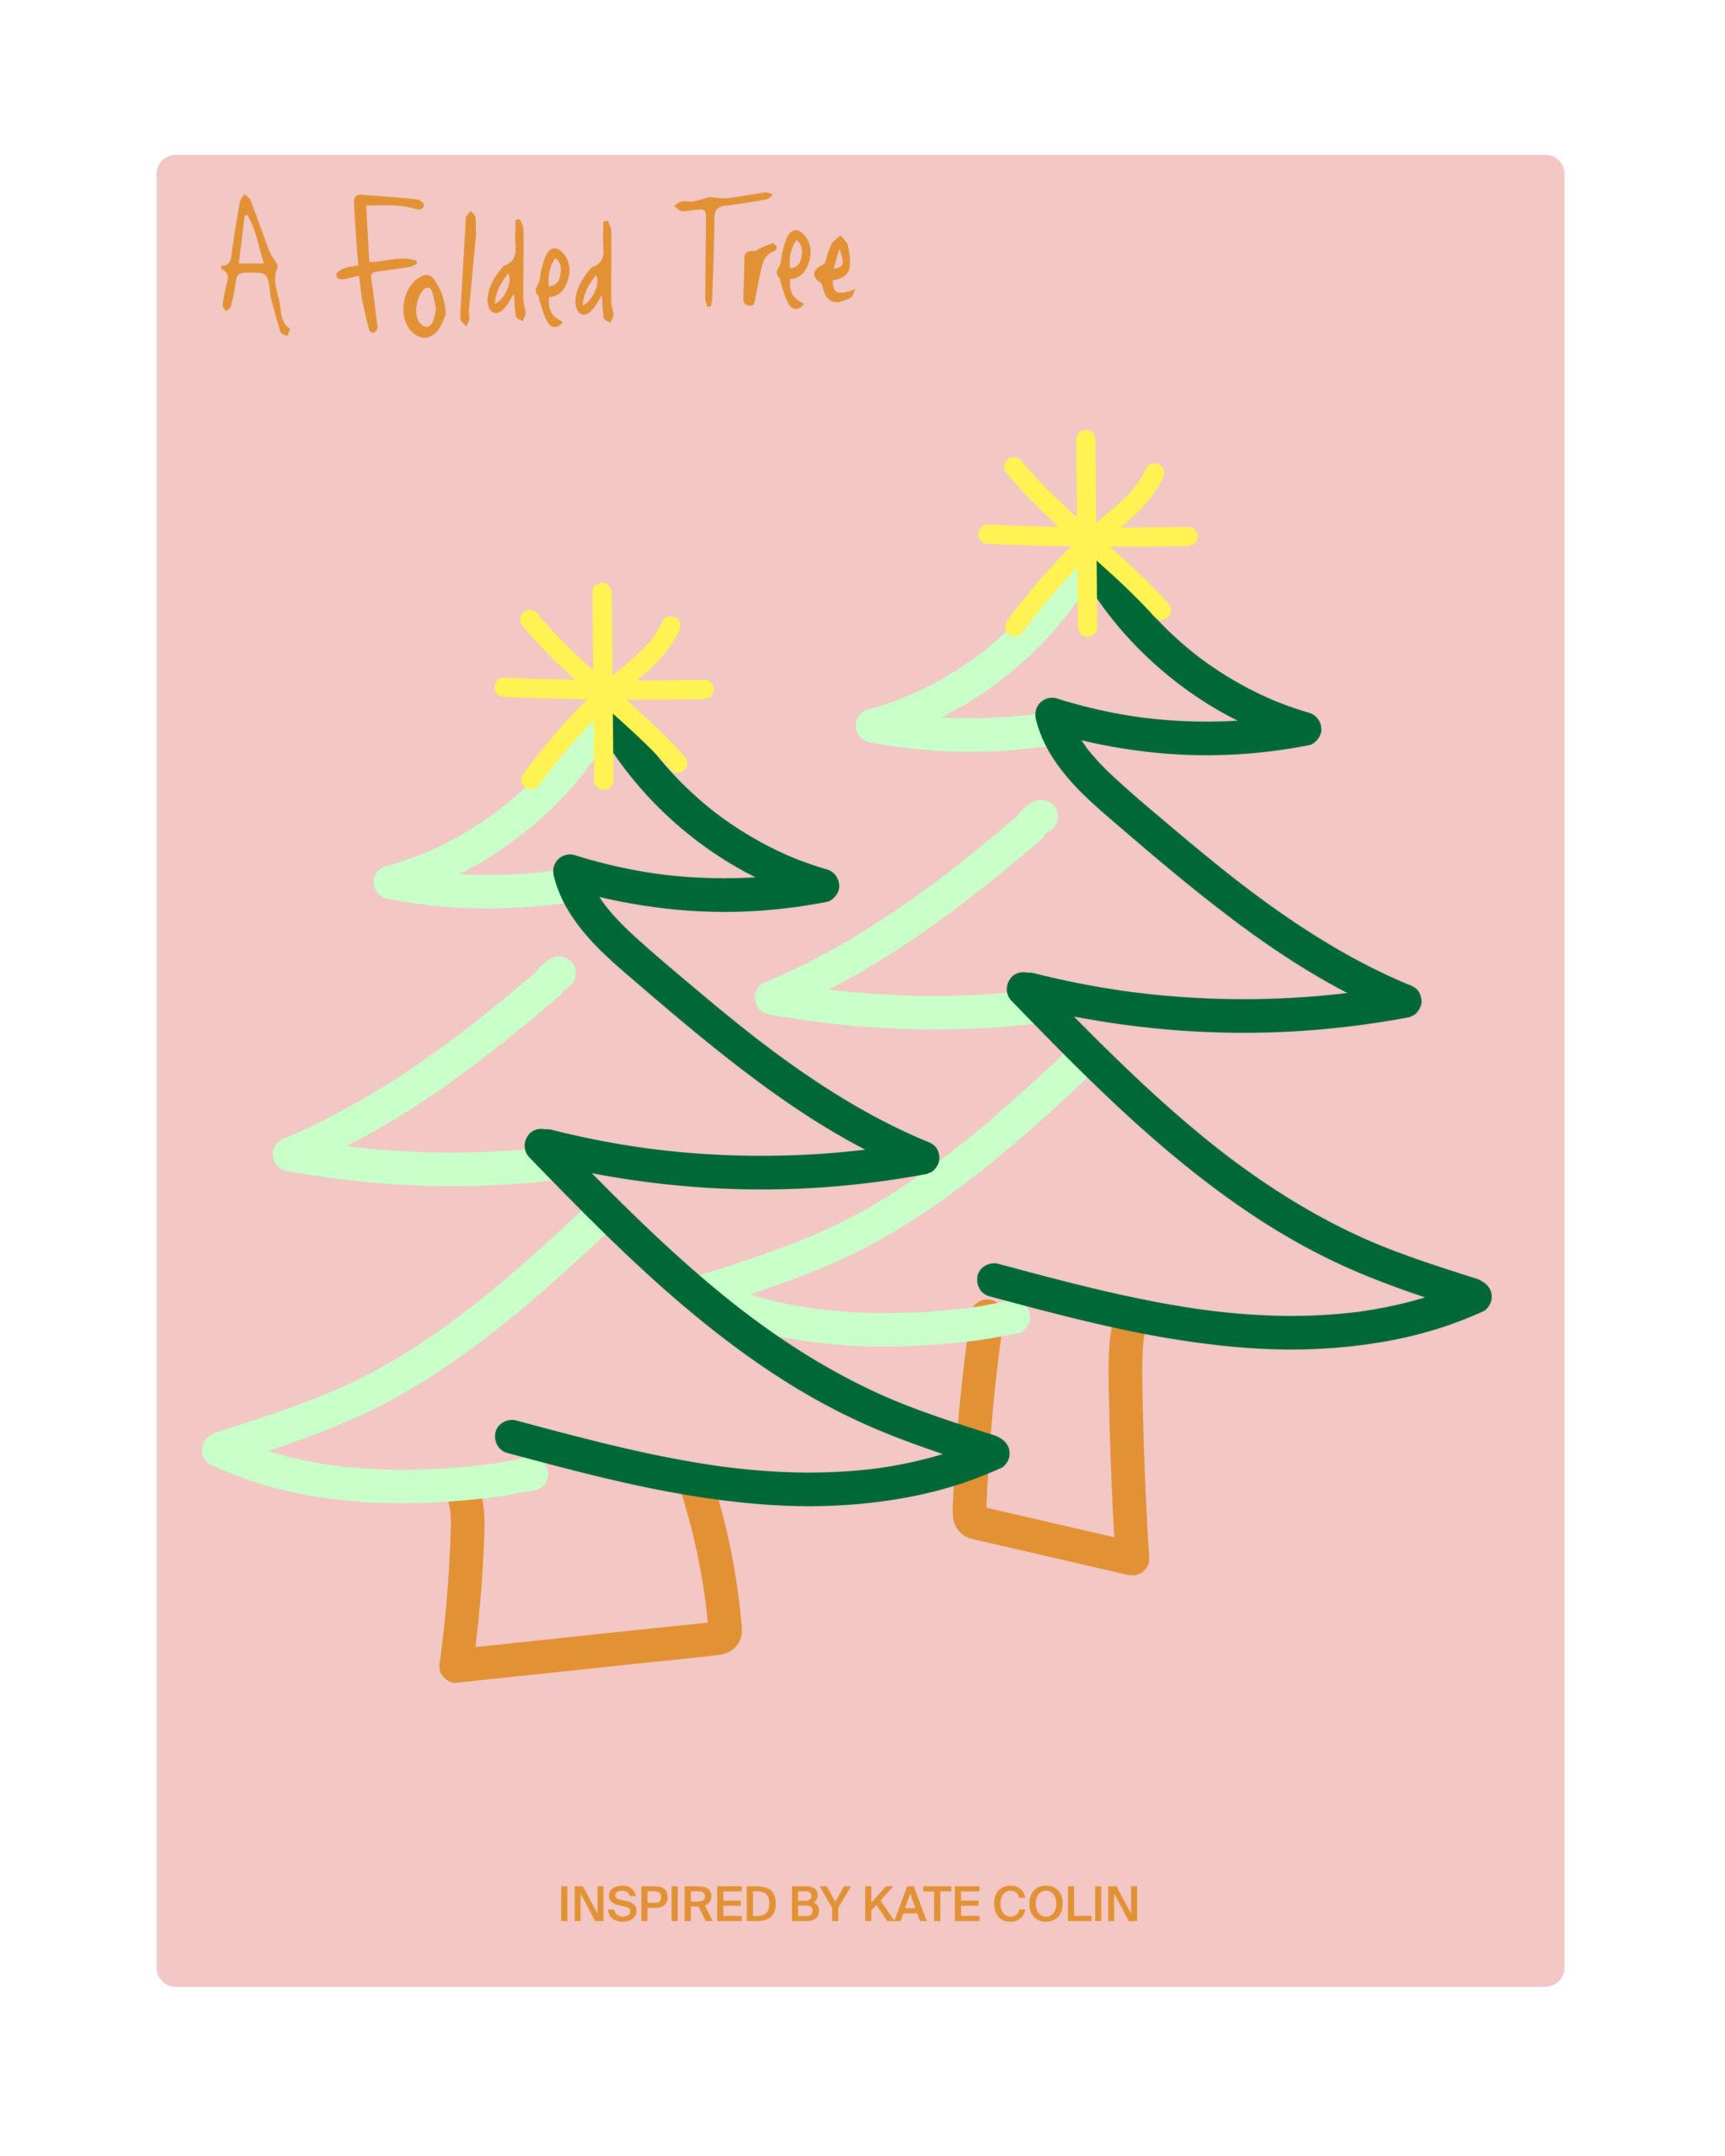 A Folded Tree